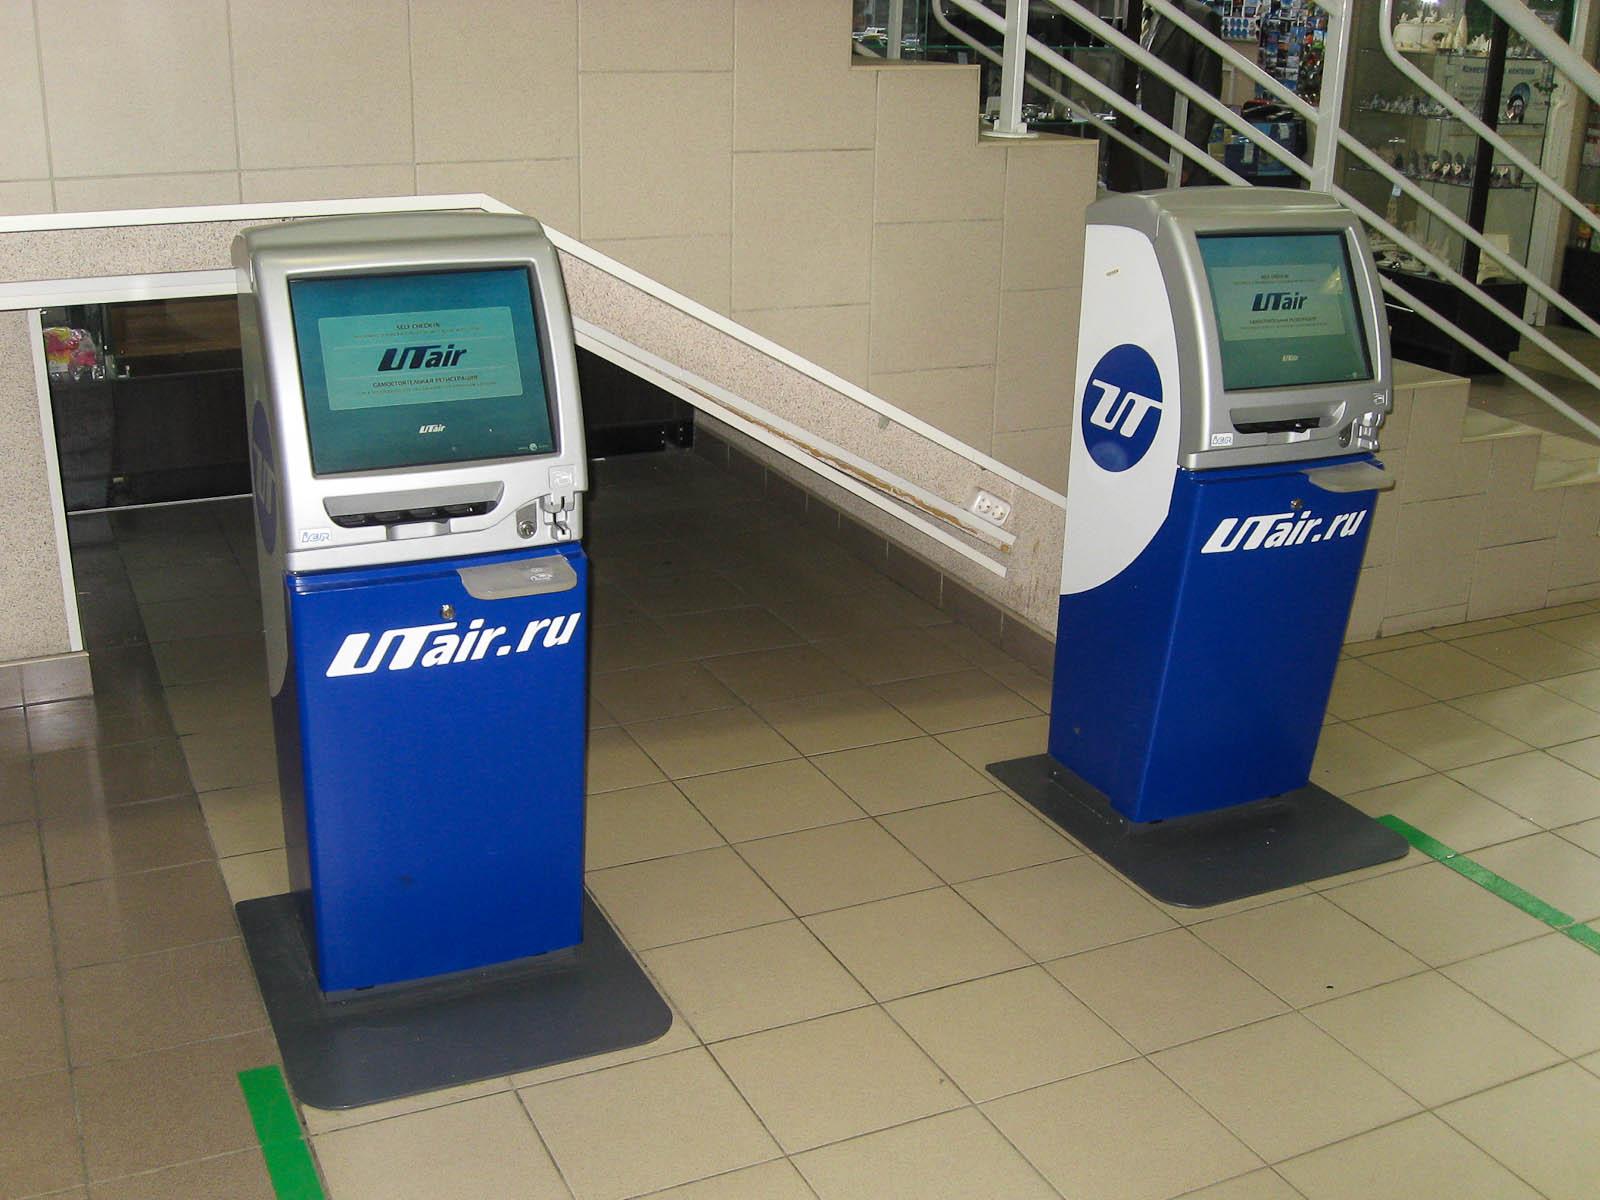 """Киоски самостоятельной регистрации """"ЮТэйр"""" в аэропорту Сургут"""